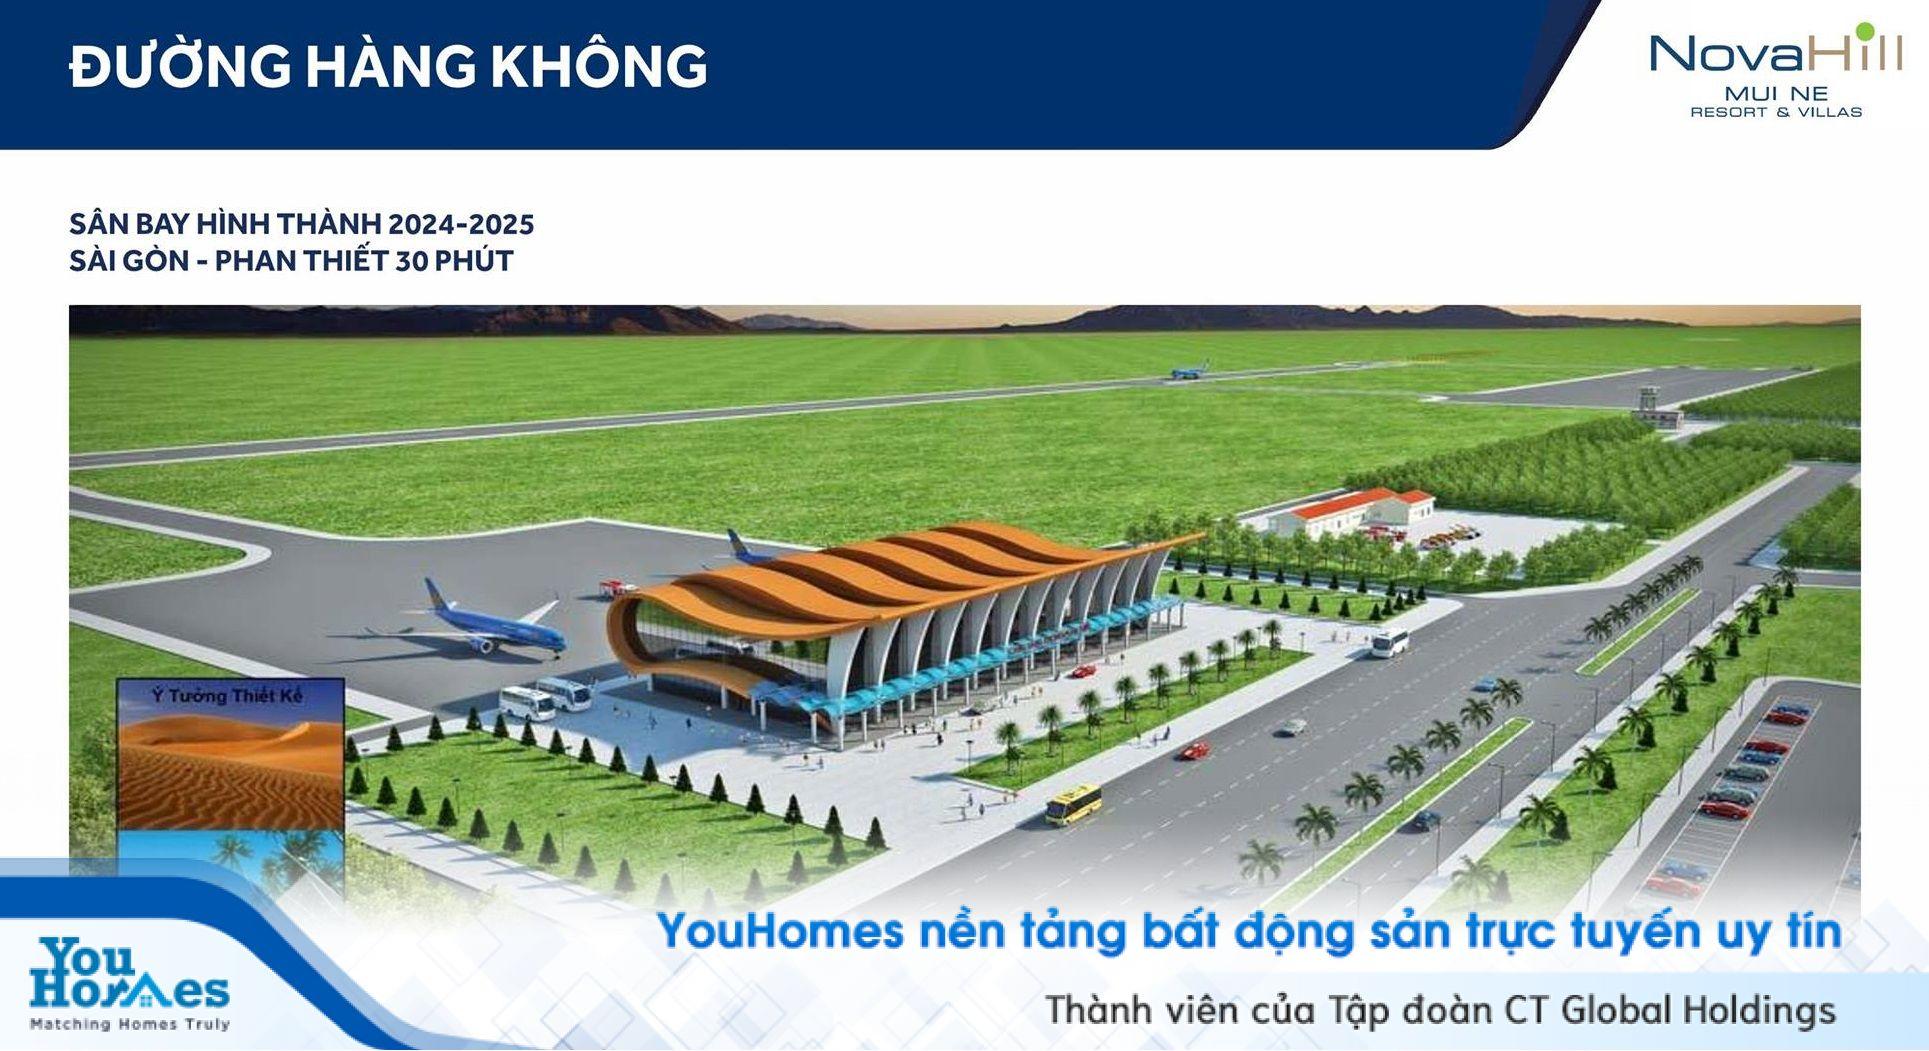 """Bất động sản Phan Thiết """"bứt phá"""" nhờ hạ tầng như câu chuyện 6 năm trước của Phú Quốc"""